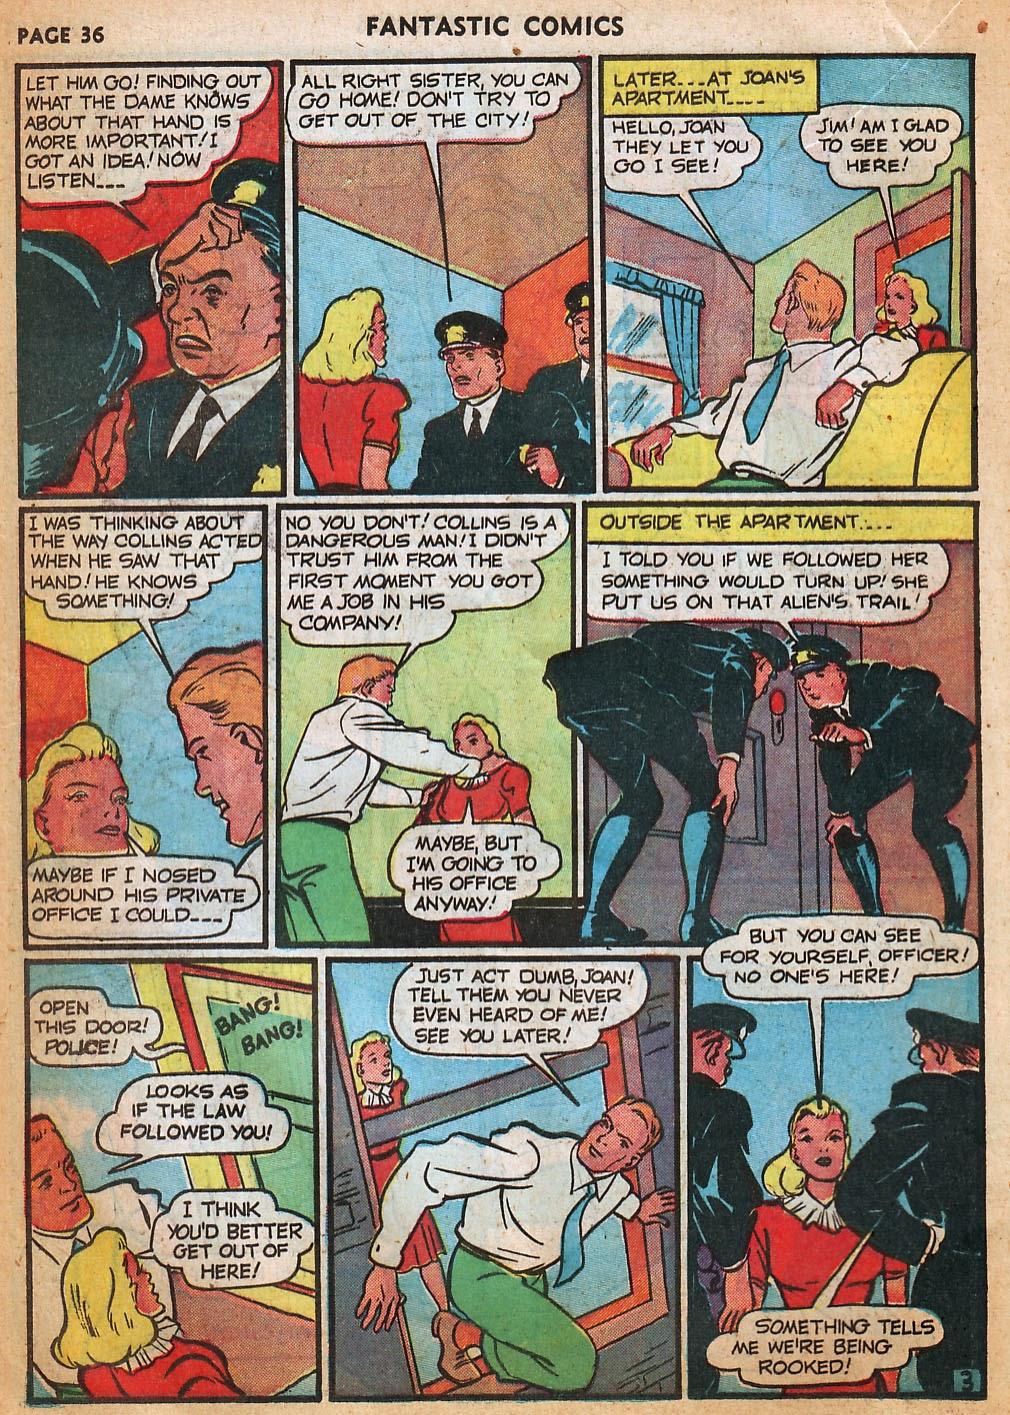 Read online Fantastic Comics comic -  Issue #22 - 37